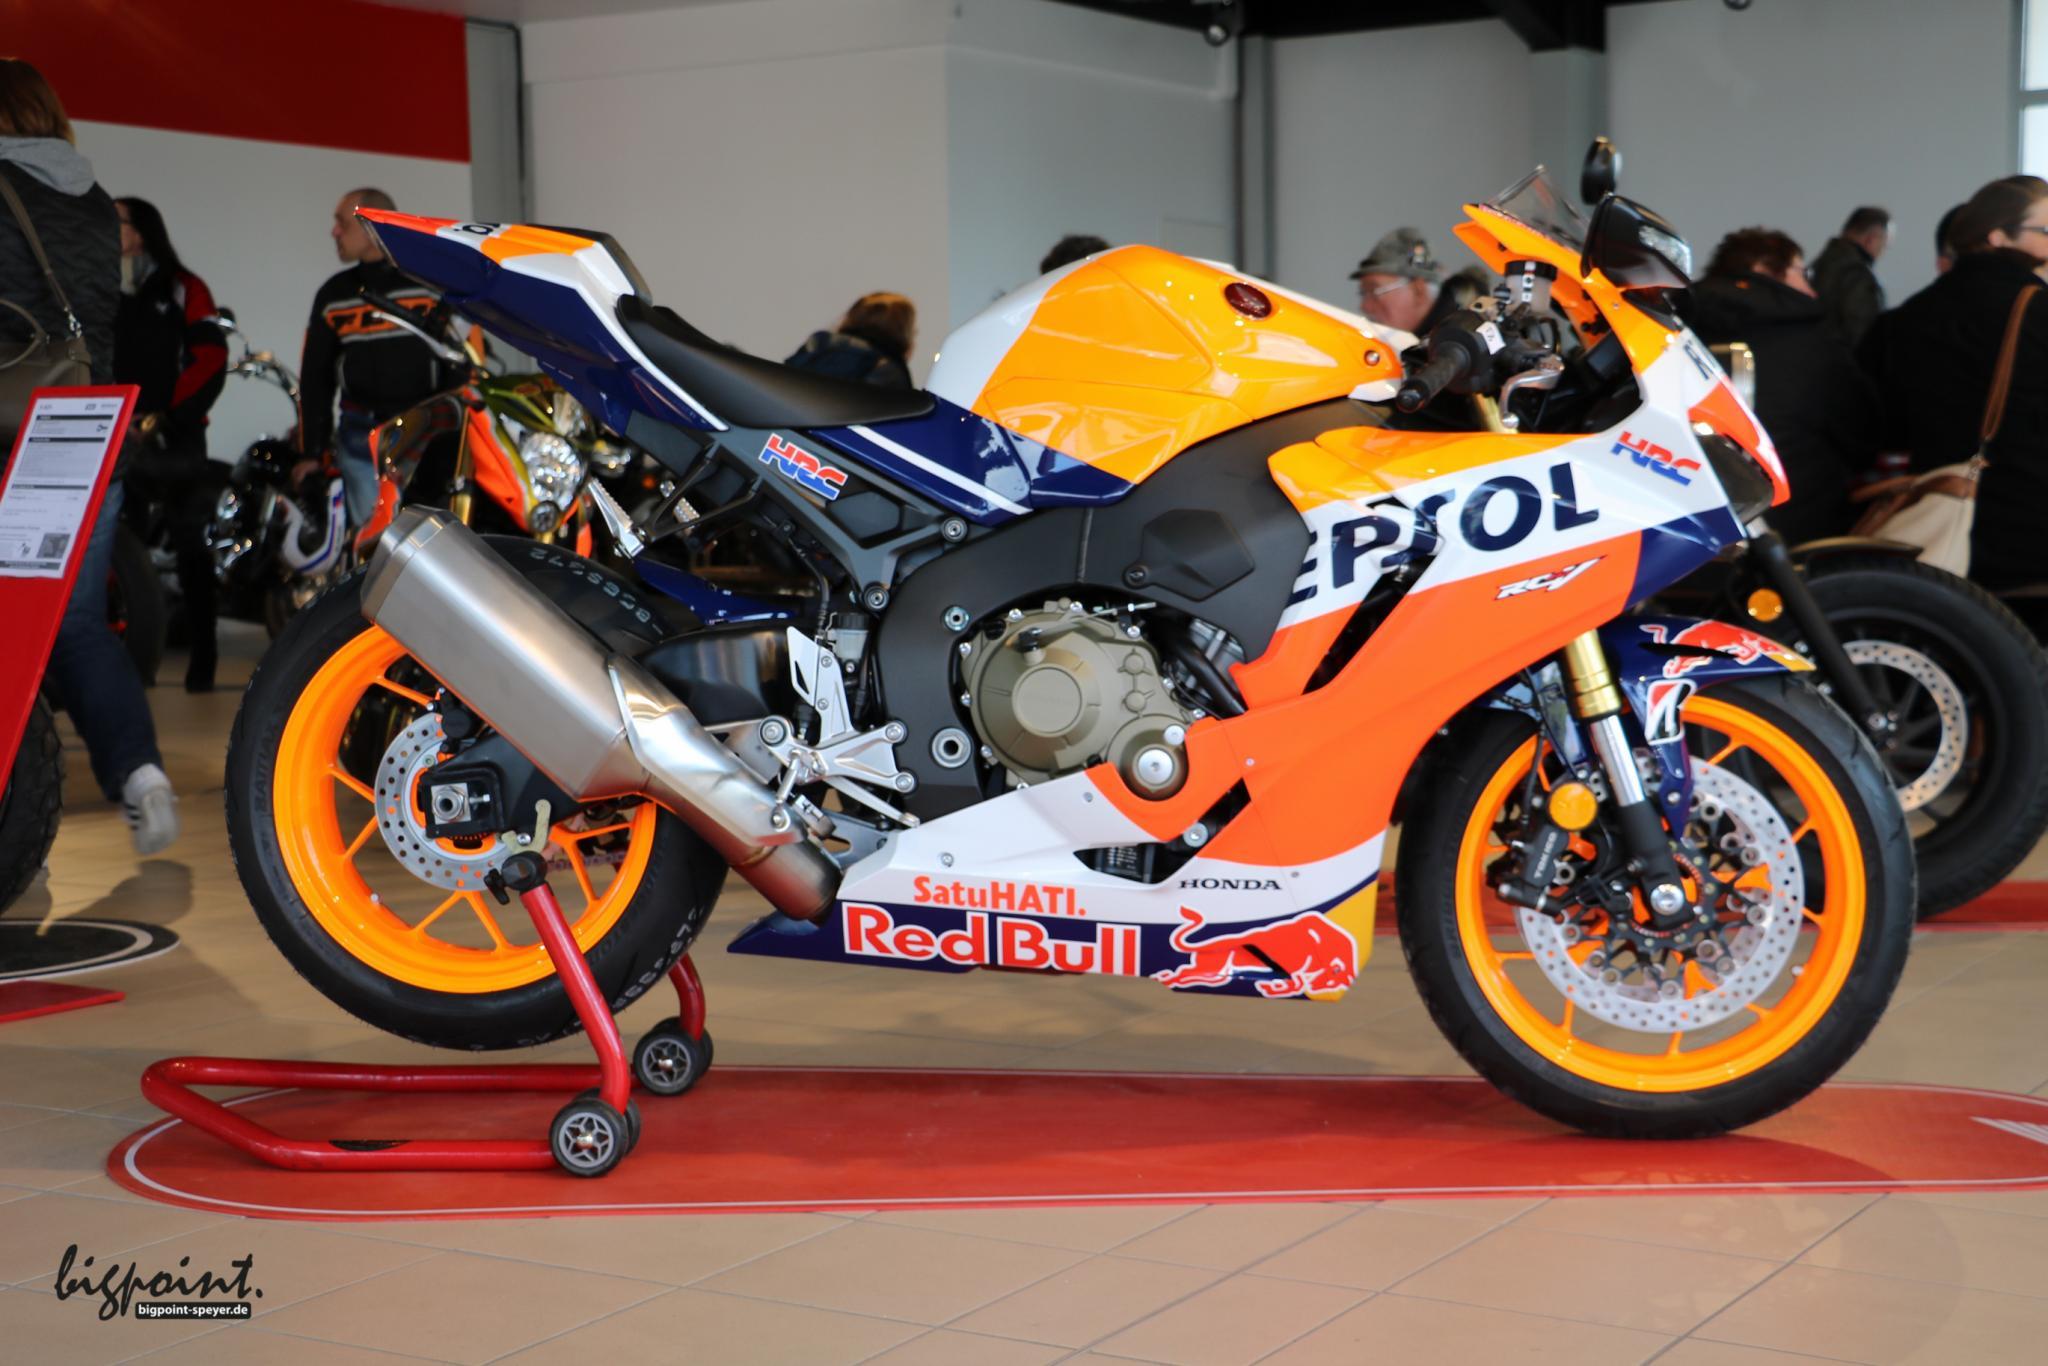 Unternehmensbilder Big Point Motorradhandels GmbH & CO. KG 16